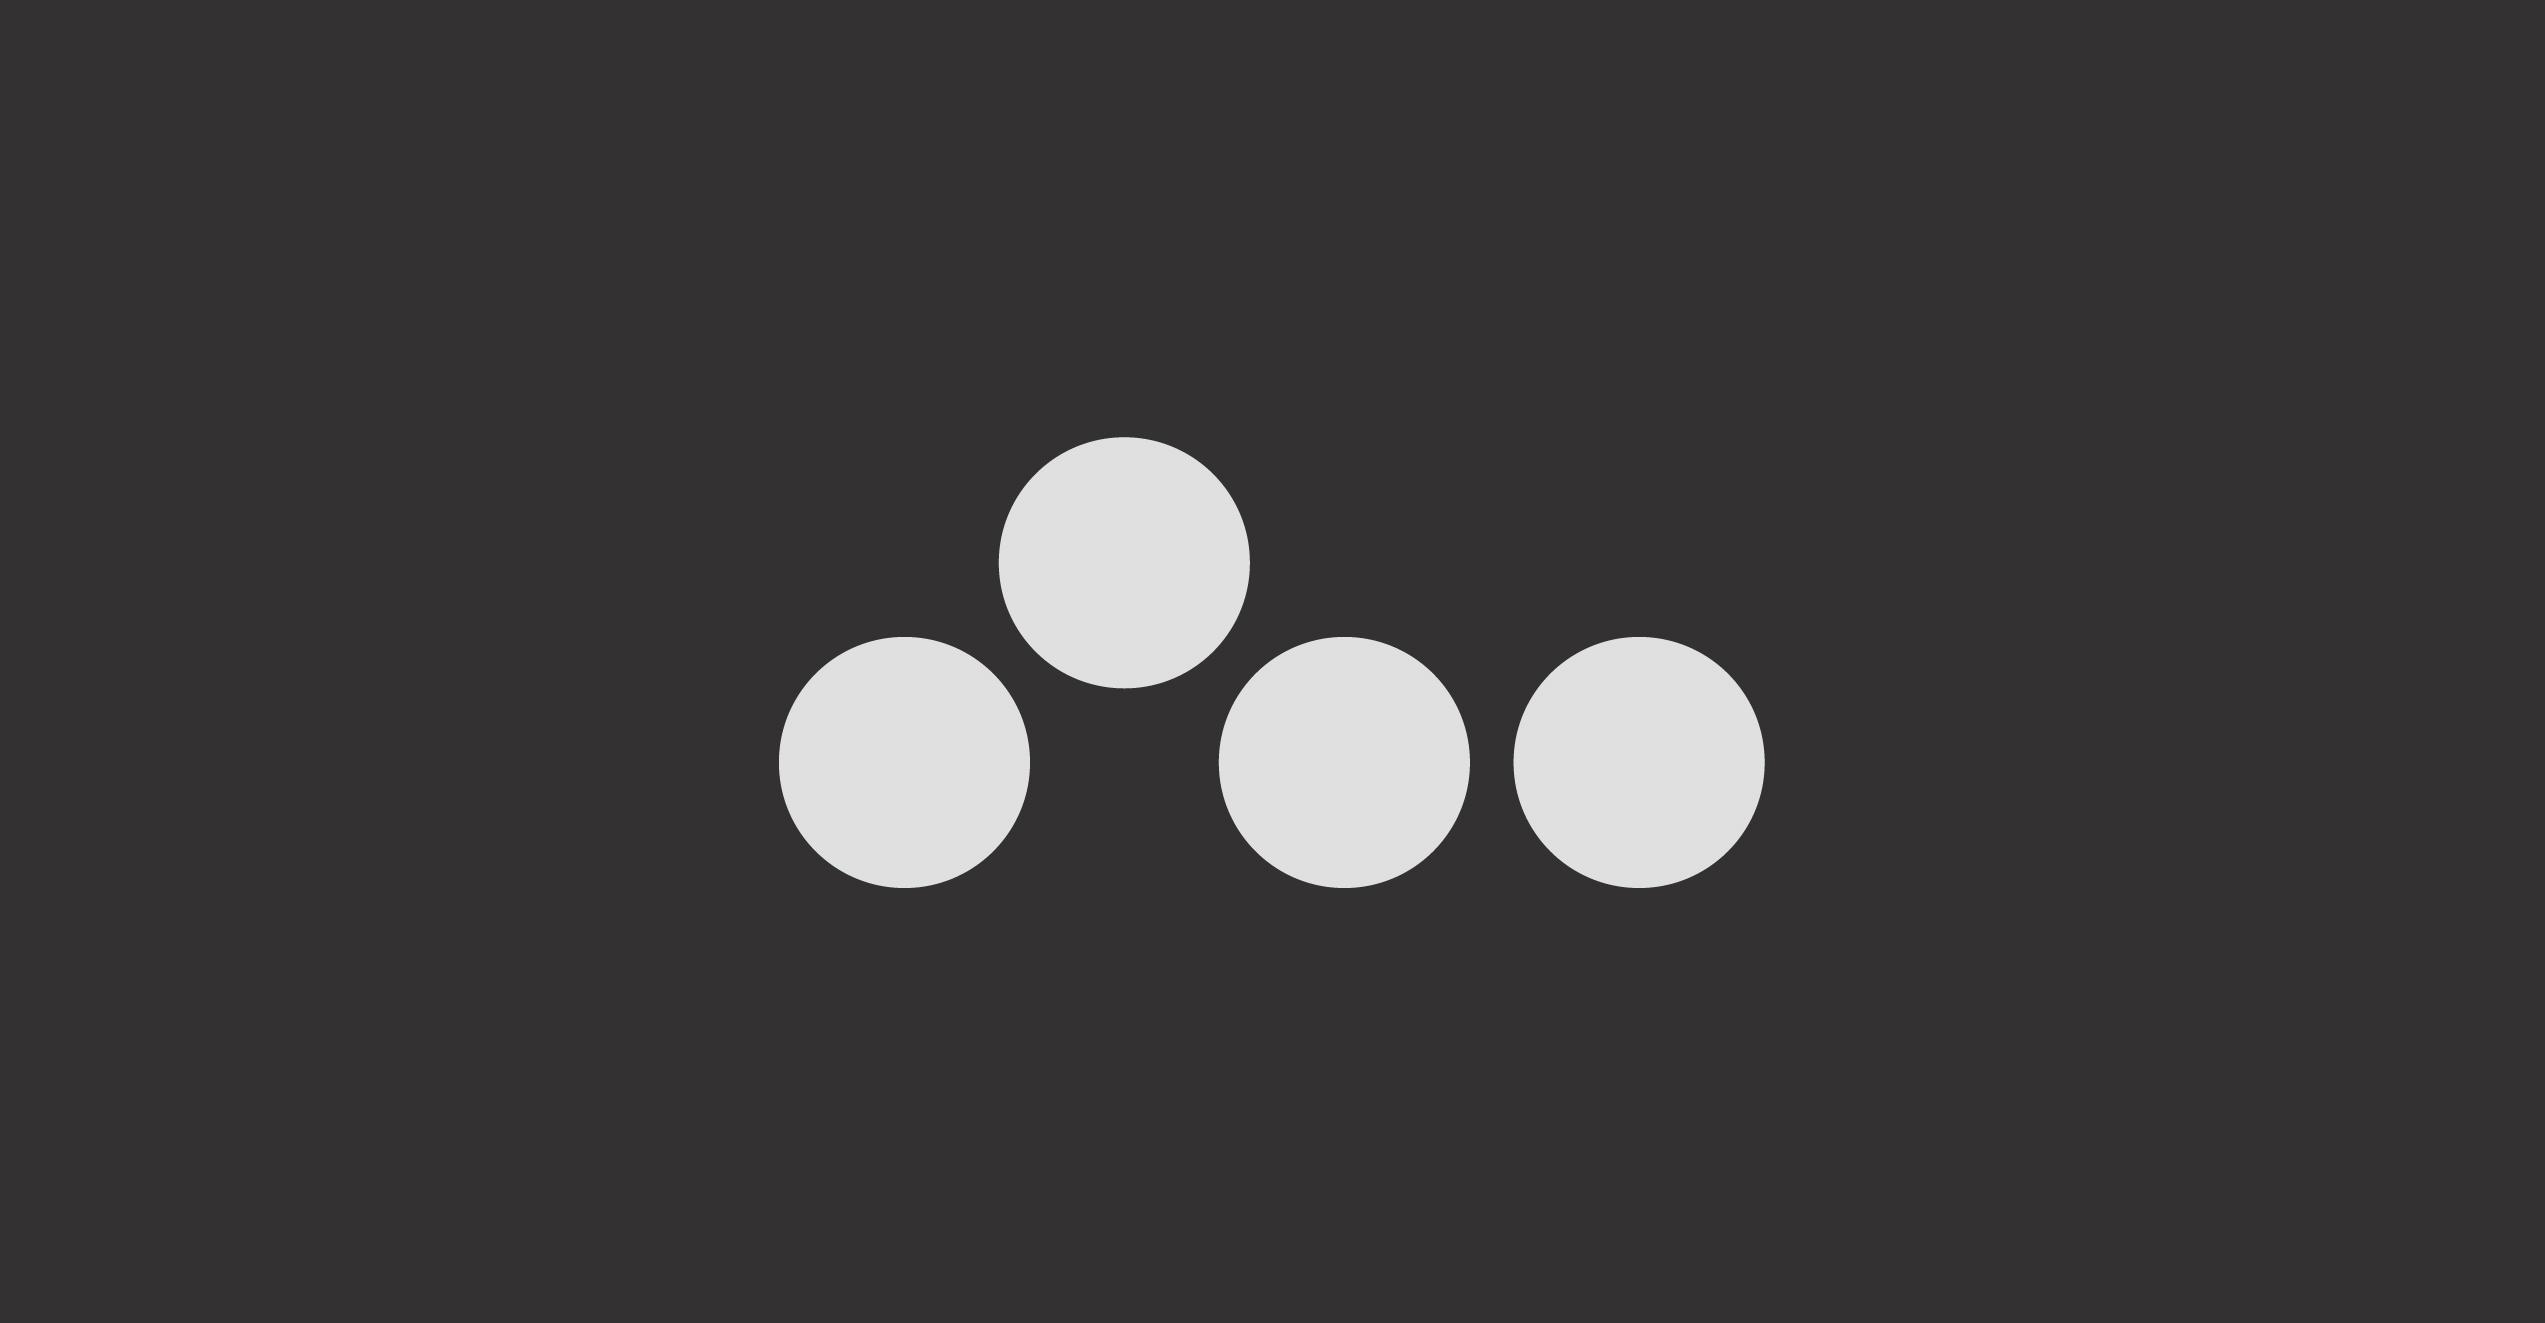 orba_case-study-plan_final_3.jpg